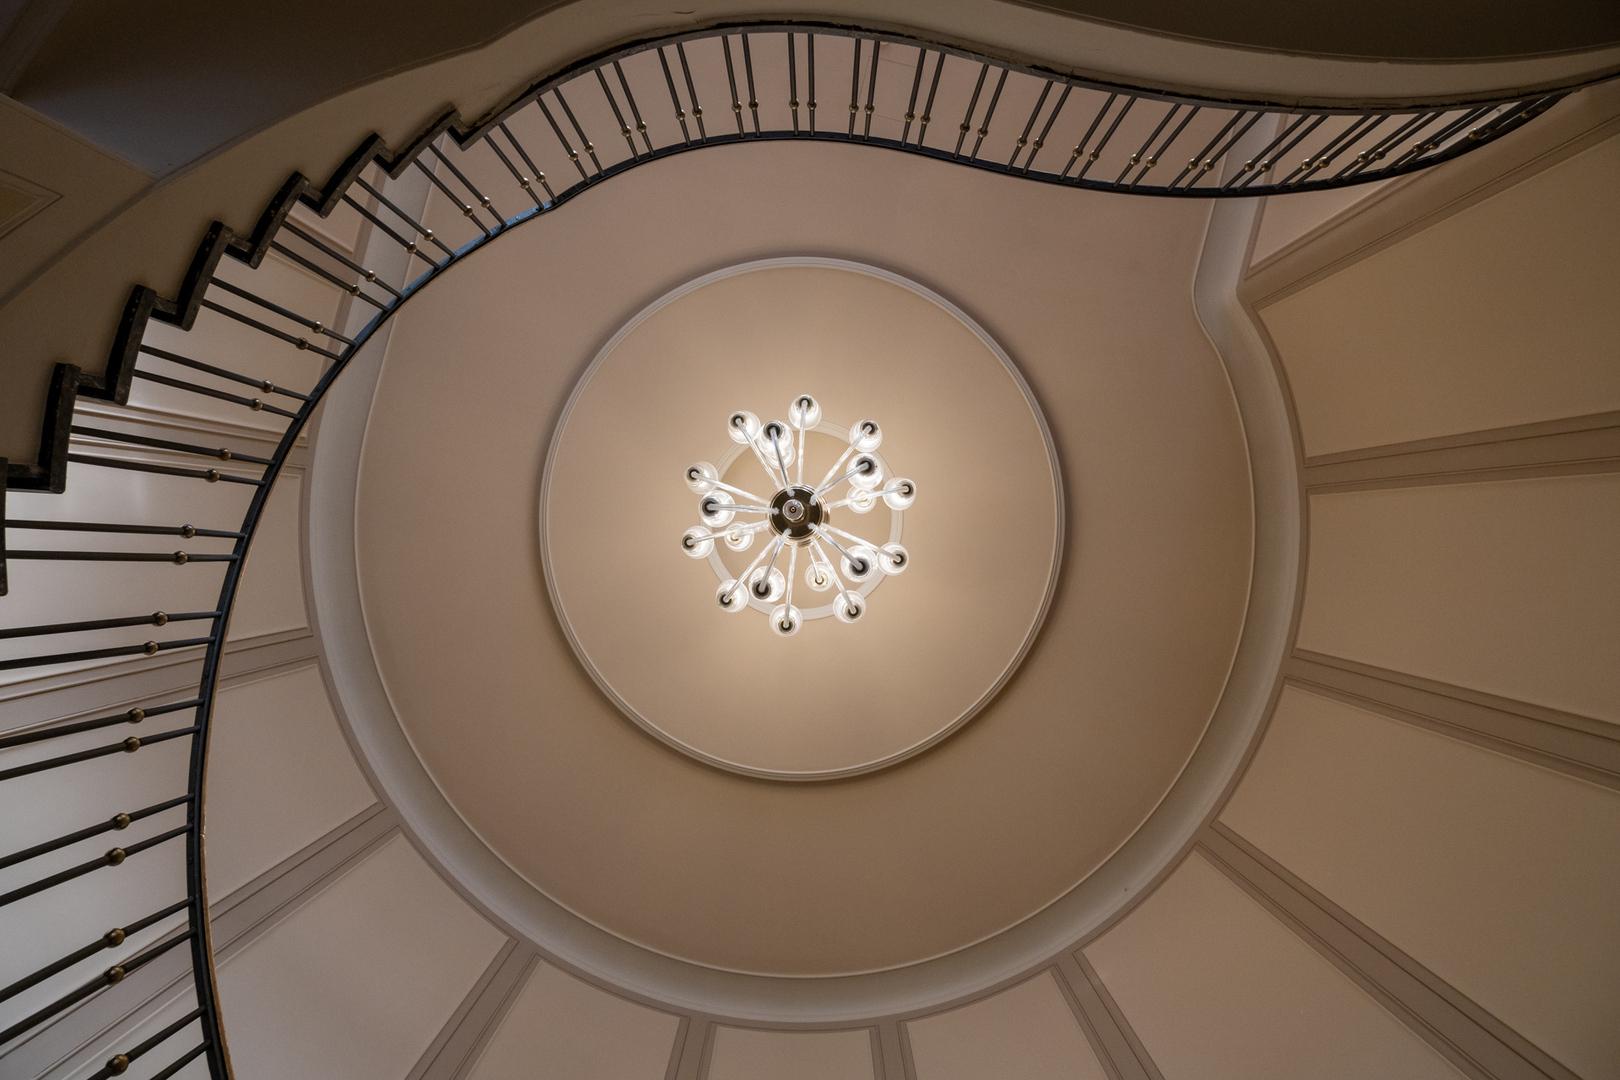 Rundtreppenhaus Hotel Dresden DE